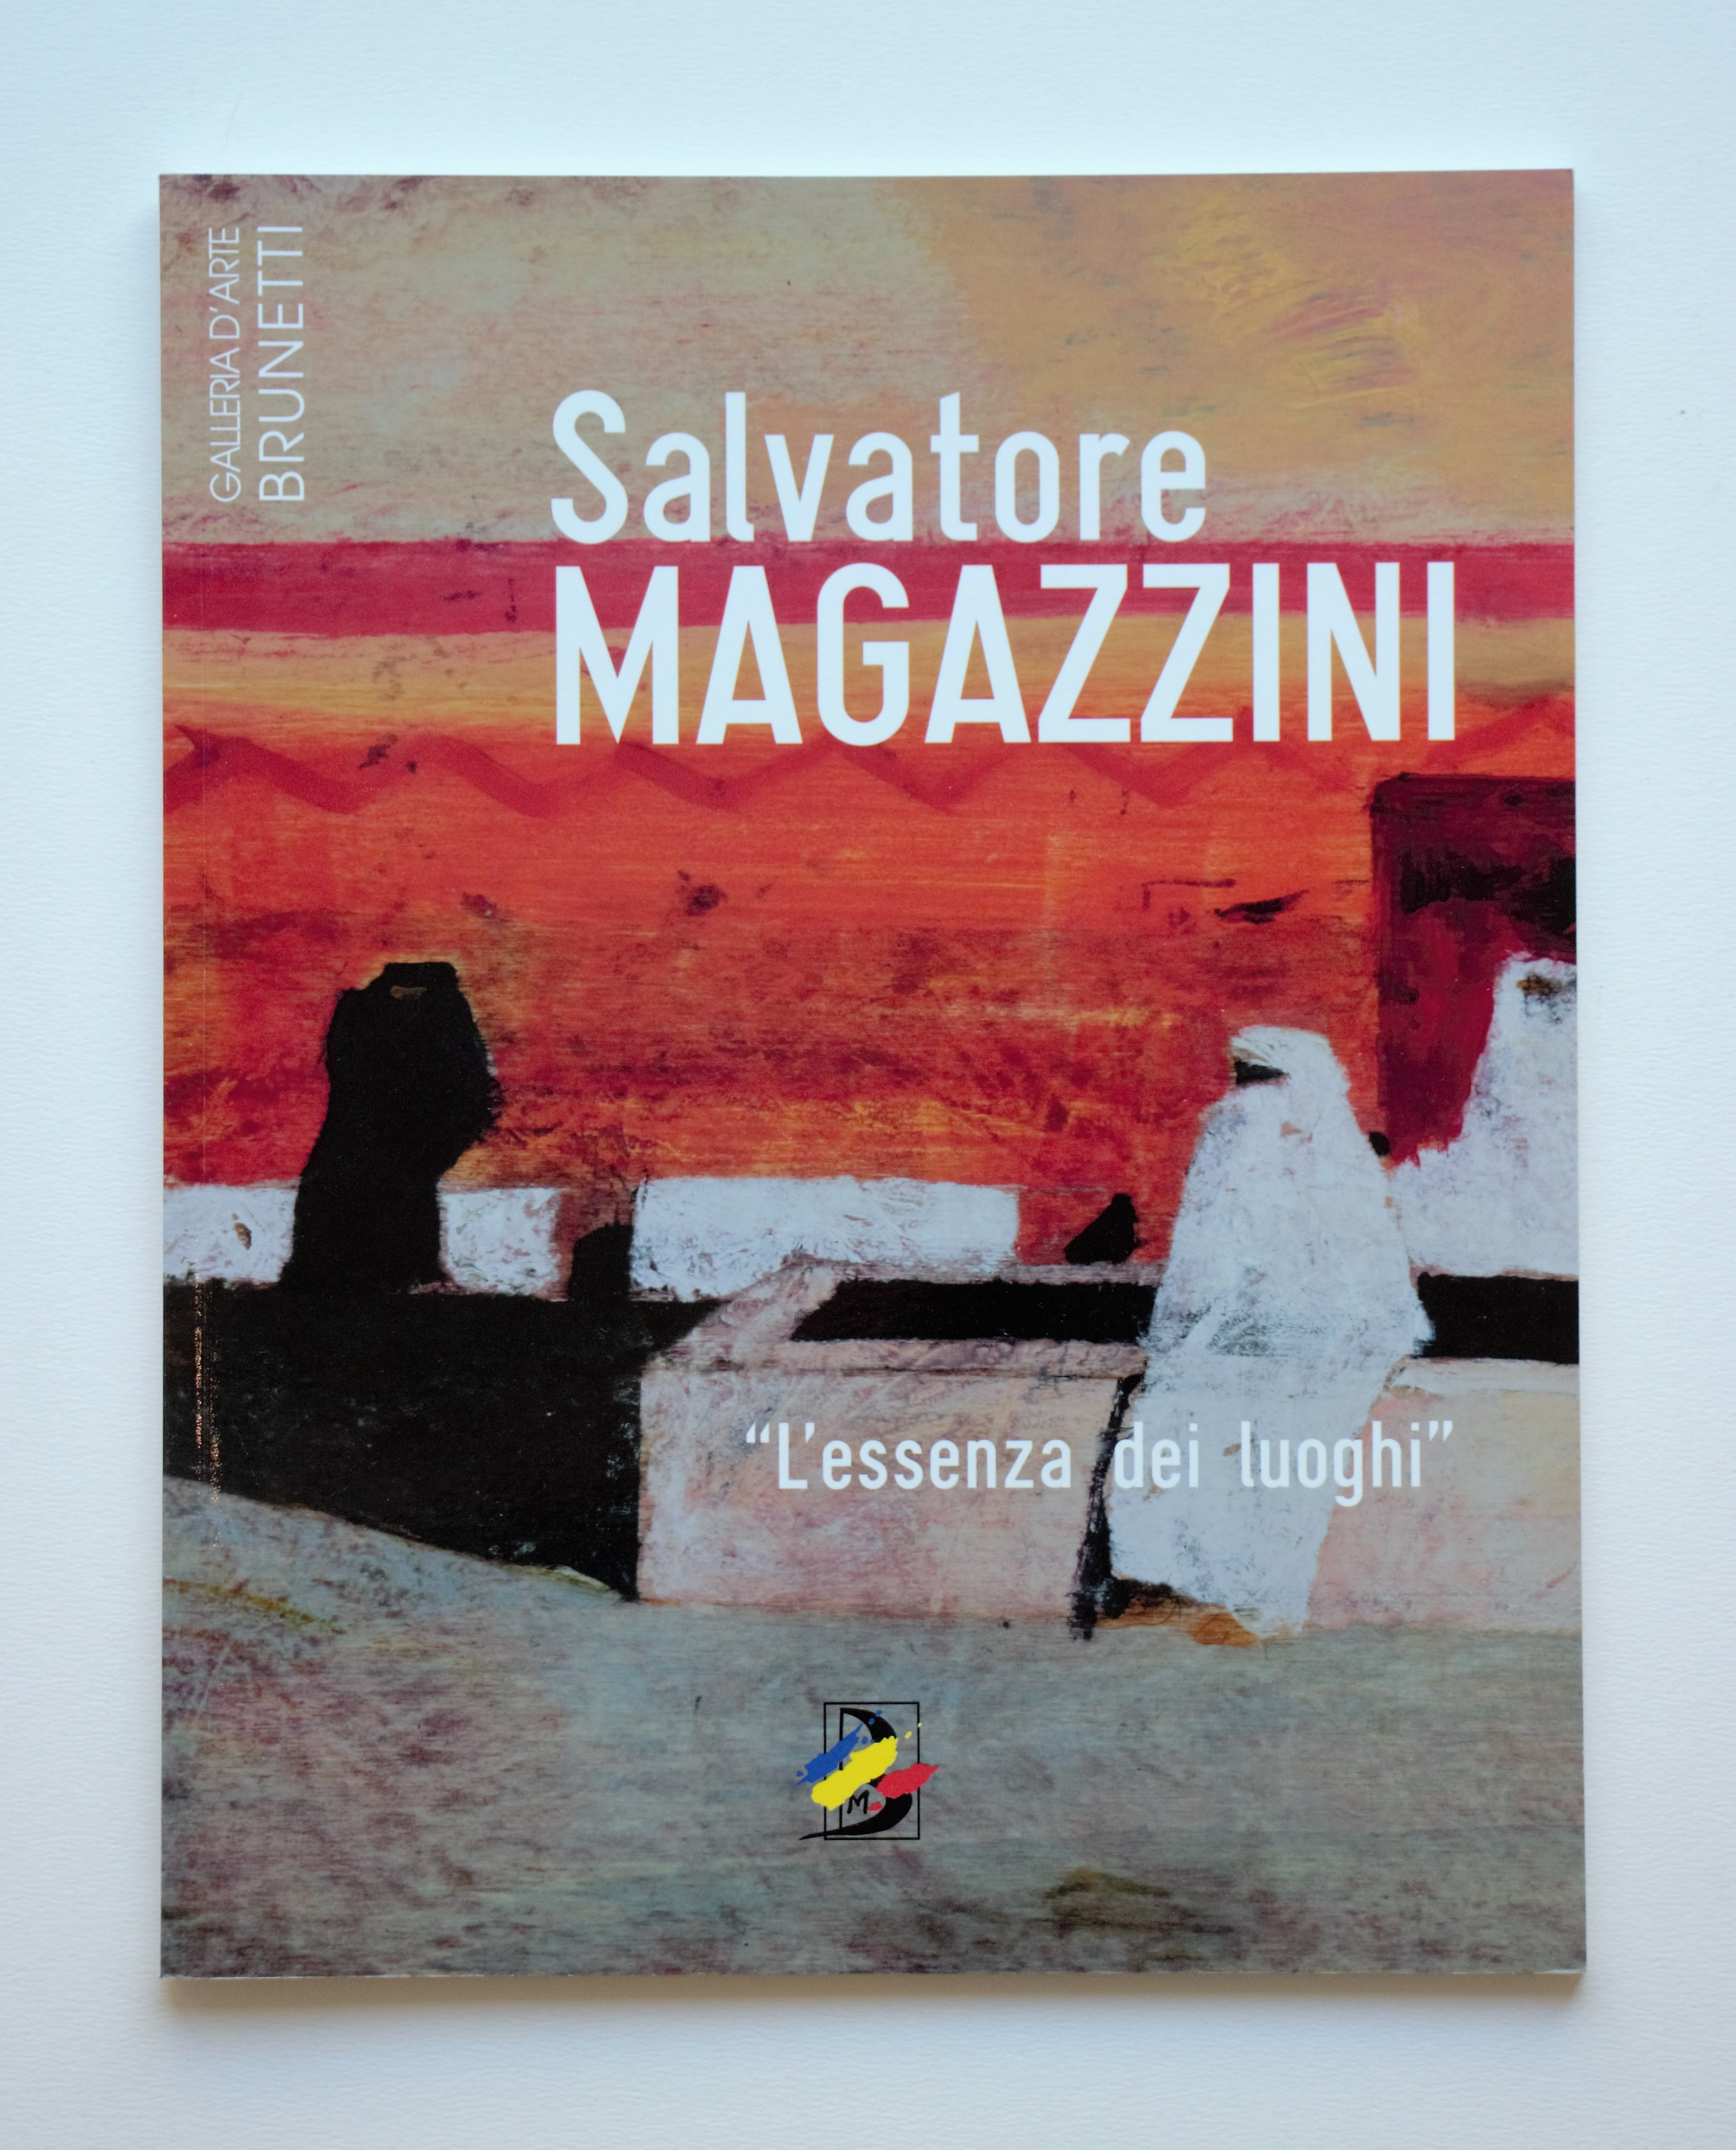 """""""L'essenza dei luoghi"""" anno 2013 pagine 55 cm. 22,5x28,5"""